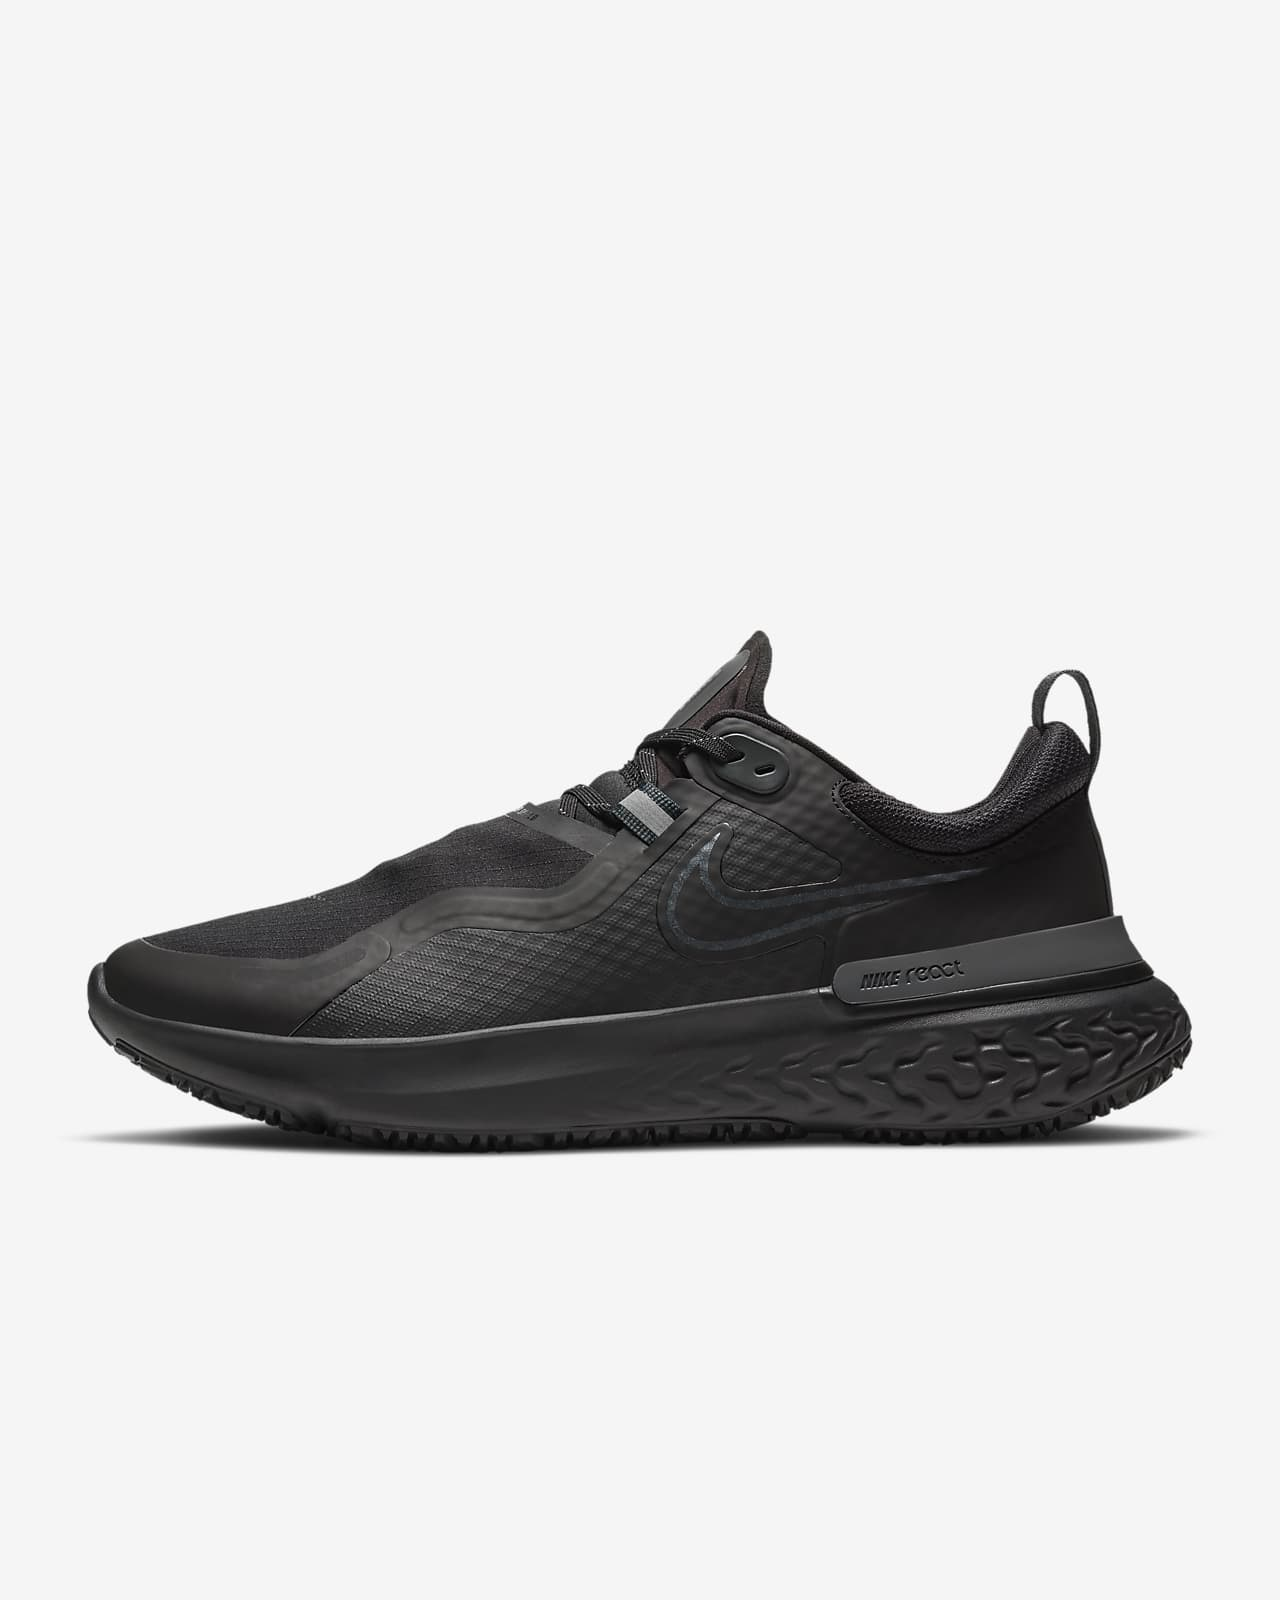 Nike React Miler Shield Men's Running Shoe